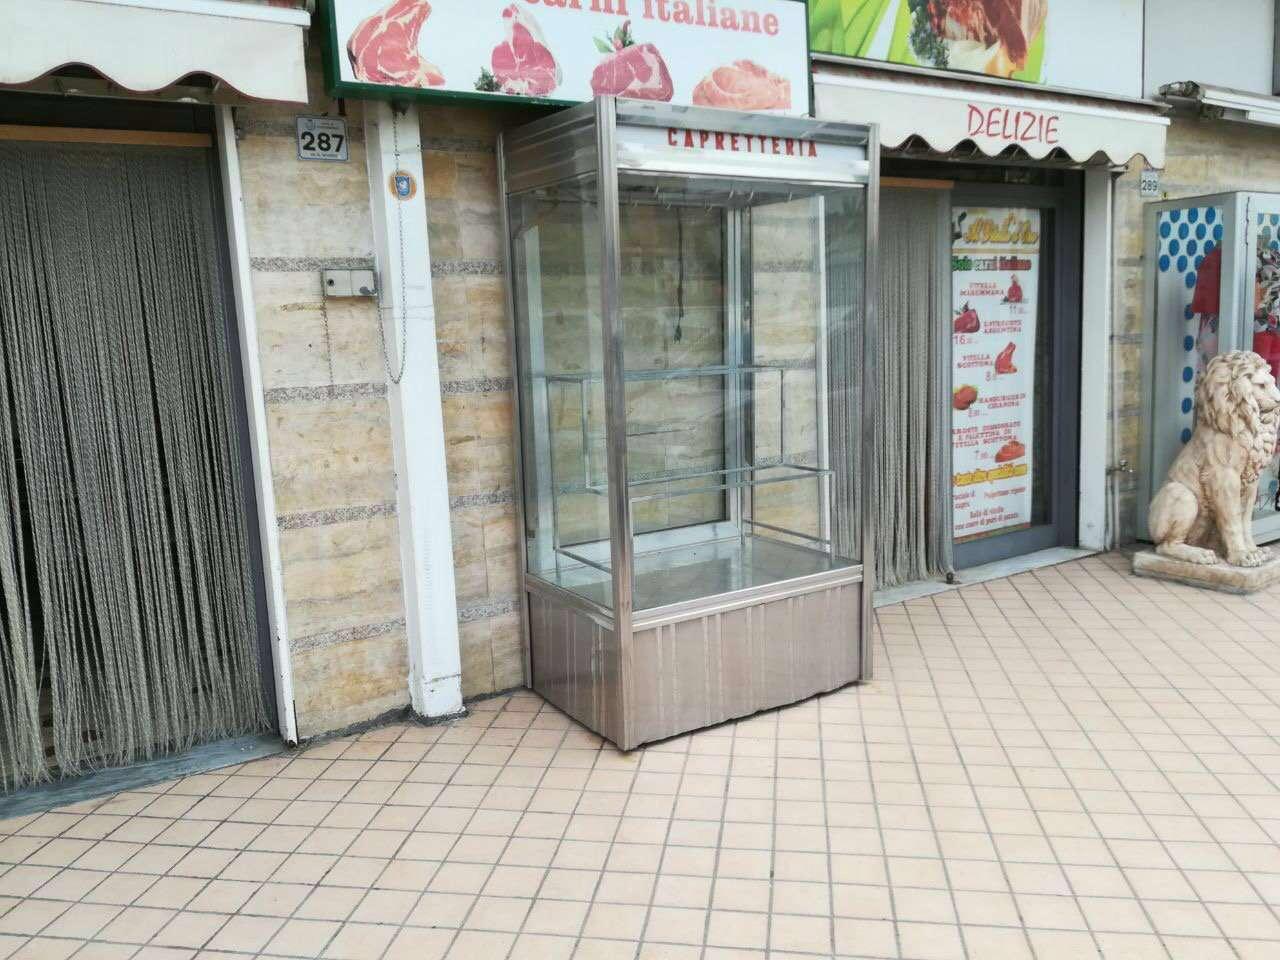 Negozio / Locale in vendita a Poggiomarino, 3 locali, prezzo € 80.000 | CambioCasa.it